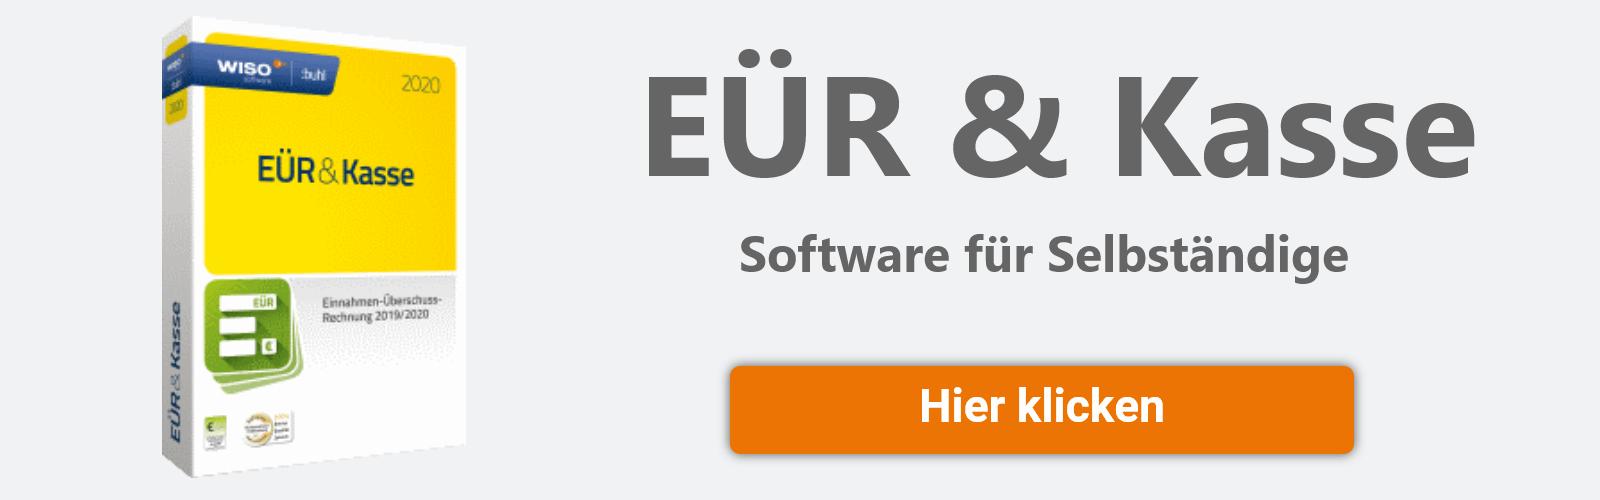 EÜR & Kasse Software Selbstständige Banner